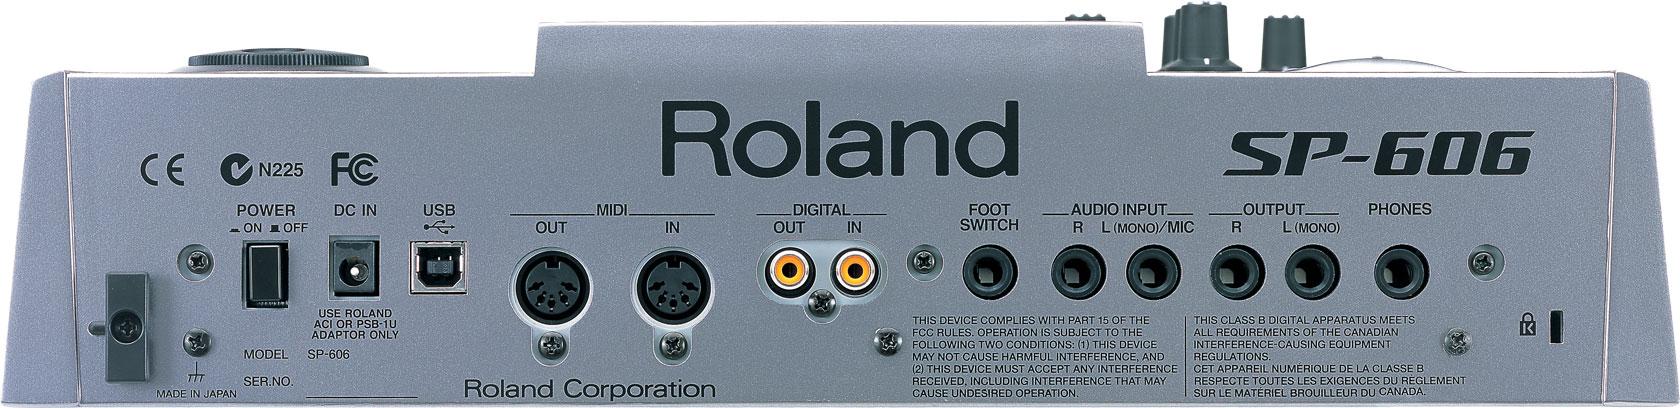 ROLAND SP 606 DRIVER FREE